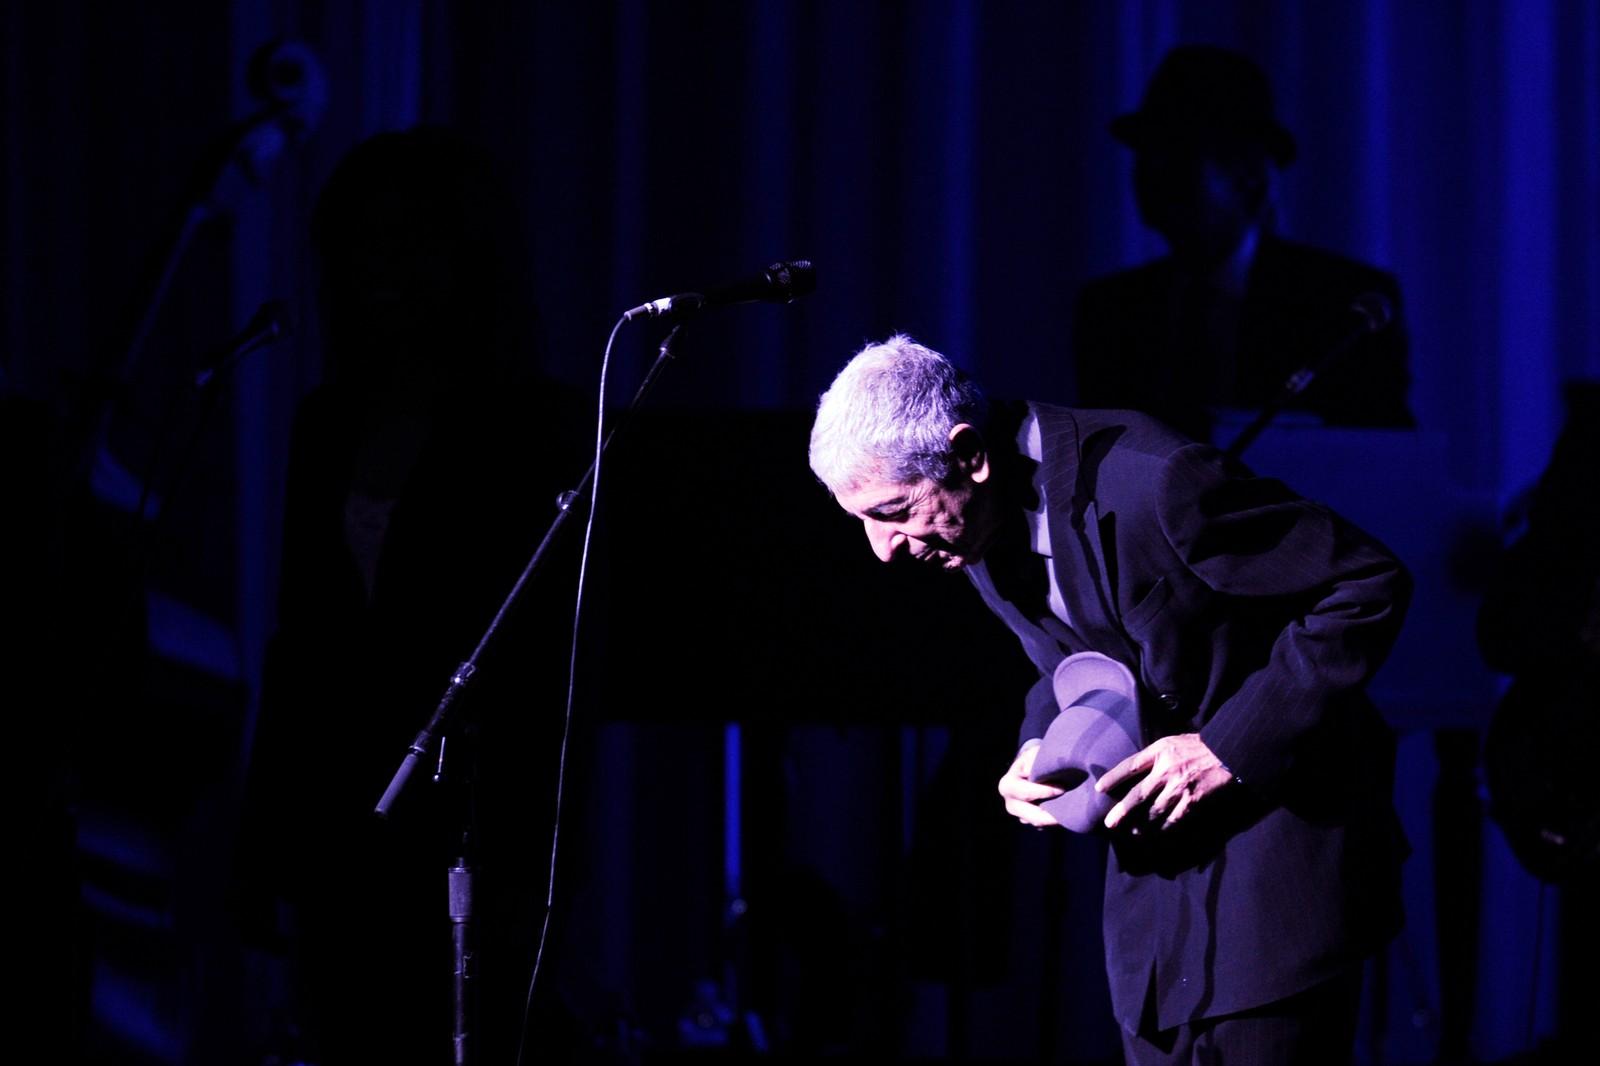 TAKKER FOR SEG: Cohen tar av seg hatten for publikum etter en konsert i Toronto i 2008.